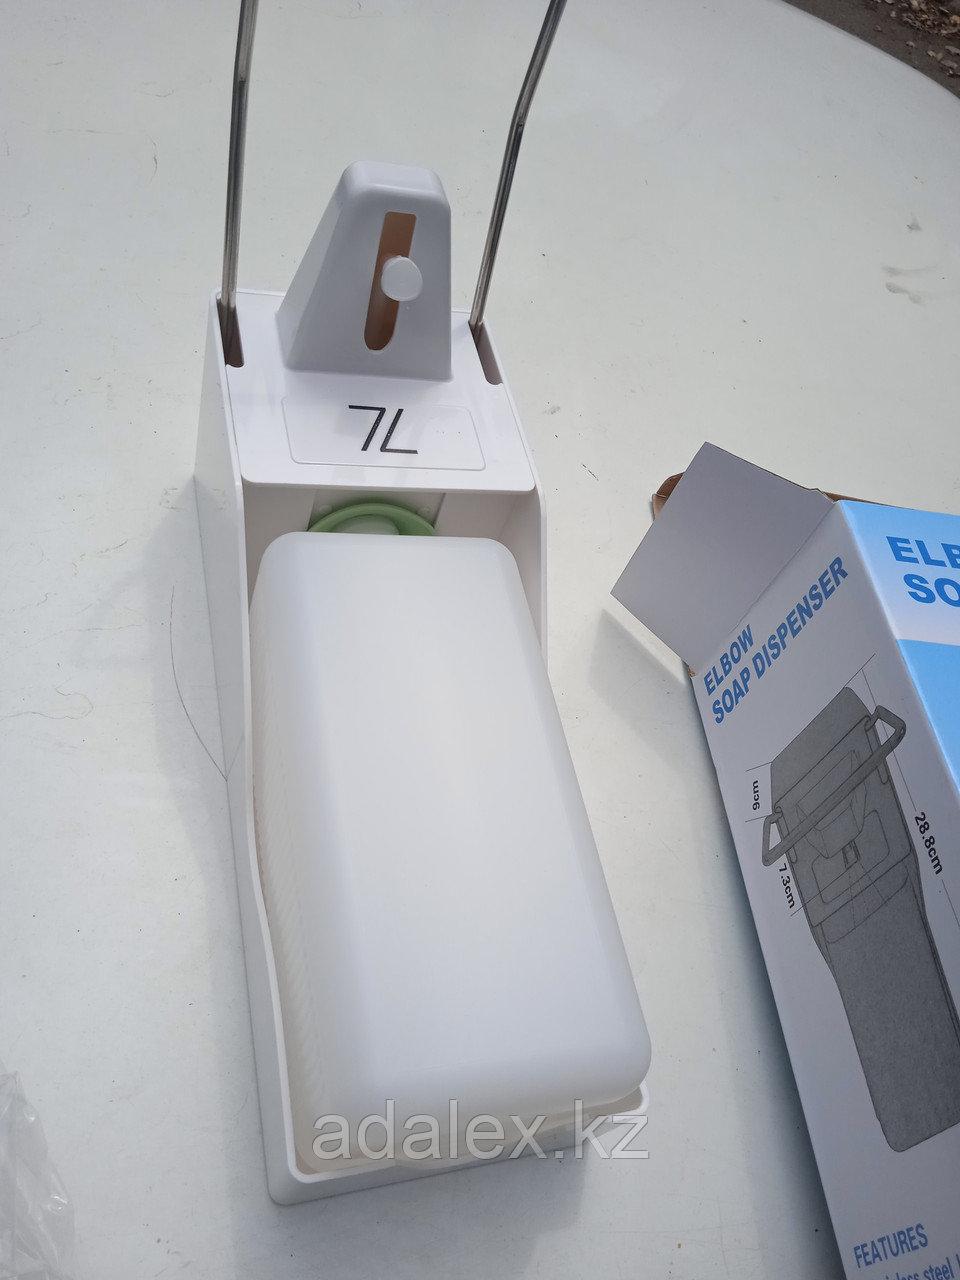 Локтевой дозатор-диспенсер с евроканистрой 1л. - фото 4